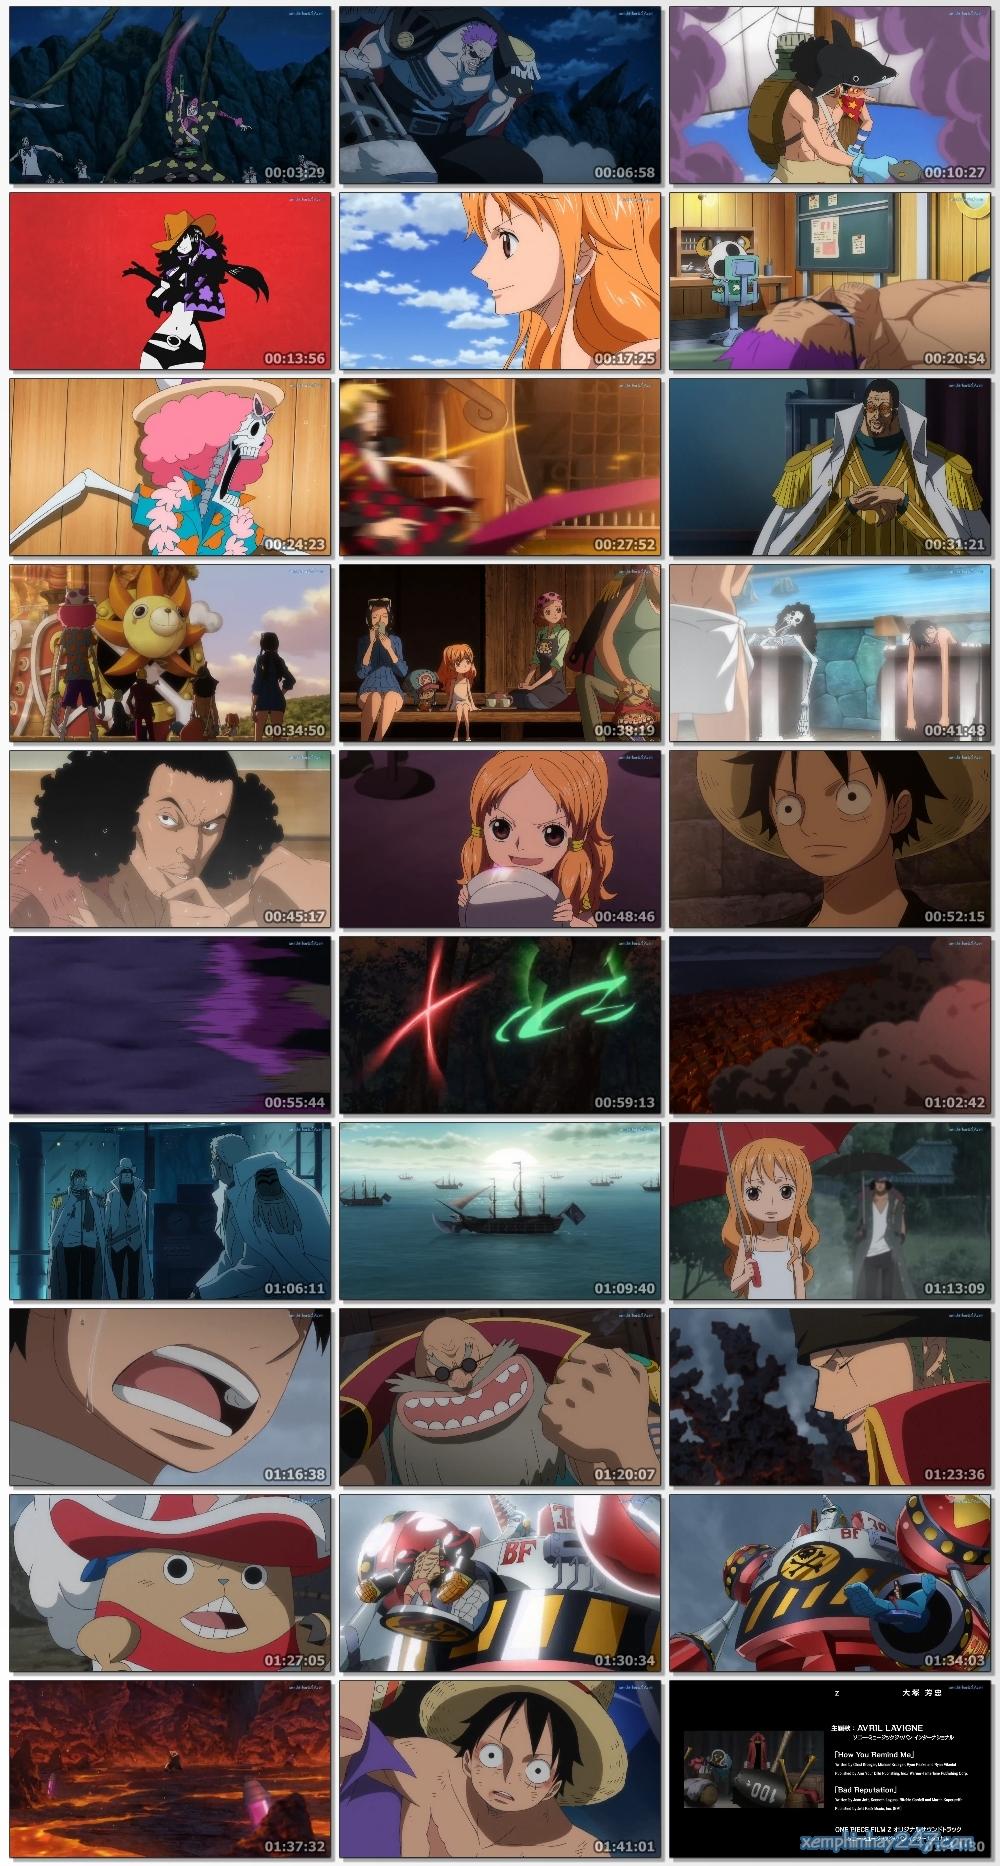 http://xemphimhay247.com - Xem phim hay 247 - Đảo Hải Tặc: Z - Kỳ Phùng Địch Thủ (2012) - One Piece Film: Z (2012)